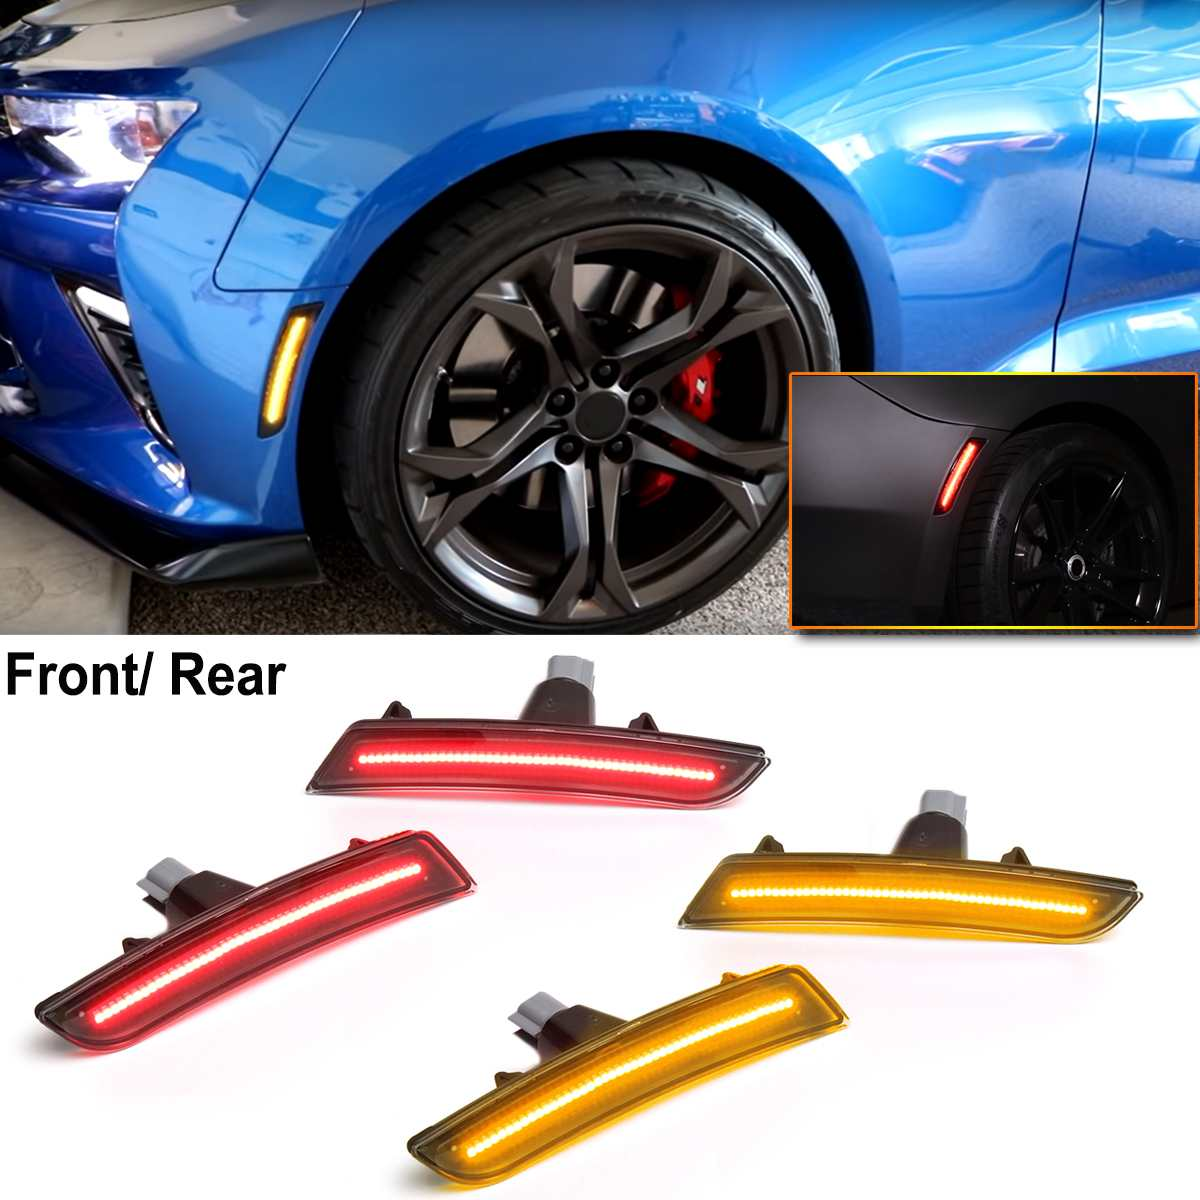 EIN Paar 12V ABS + LED Für Chevy Camaro 2016 2017 2018 2019 Smoked Objektiv LED Front Bernstein Lampe rück Rote Seite Marker Lichter Lampen